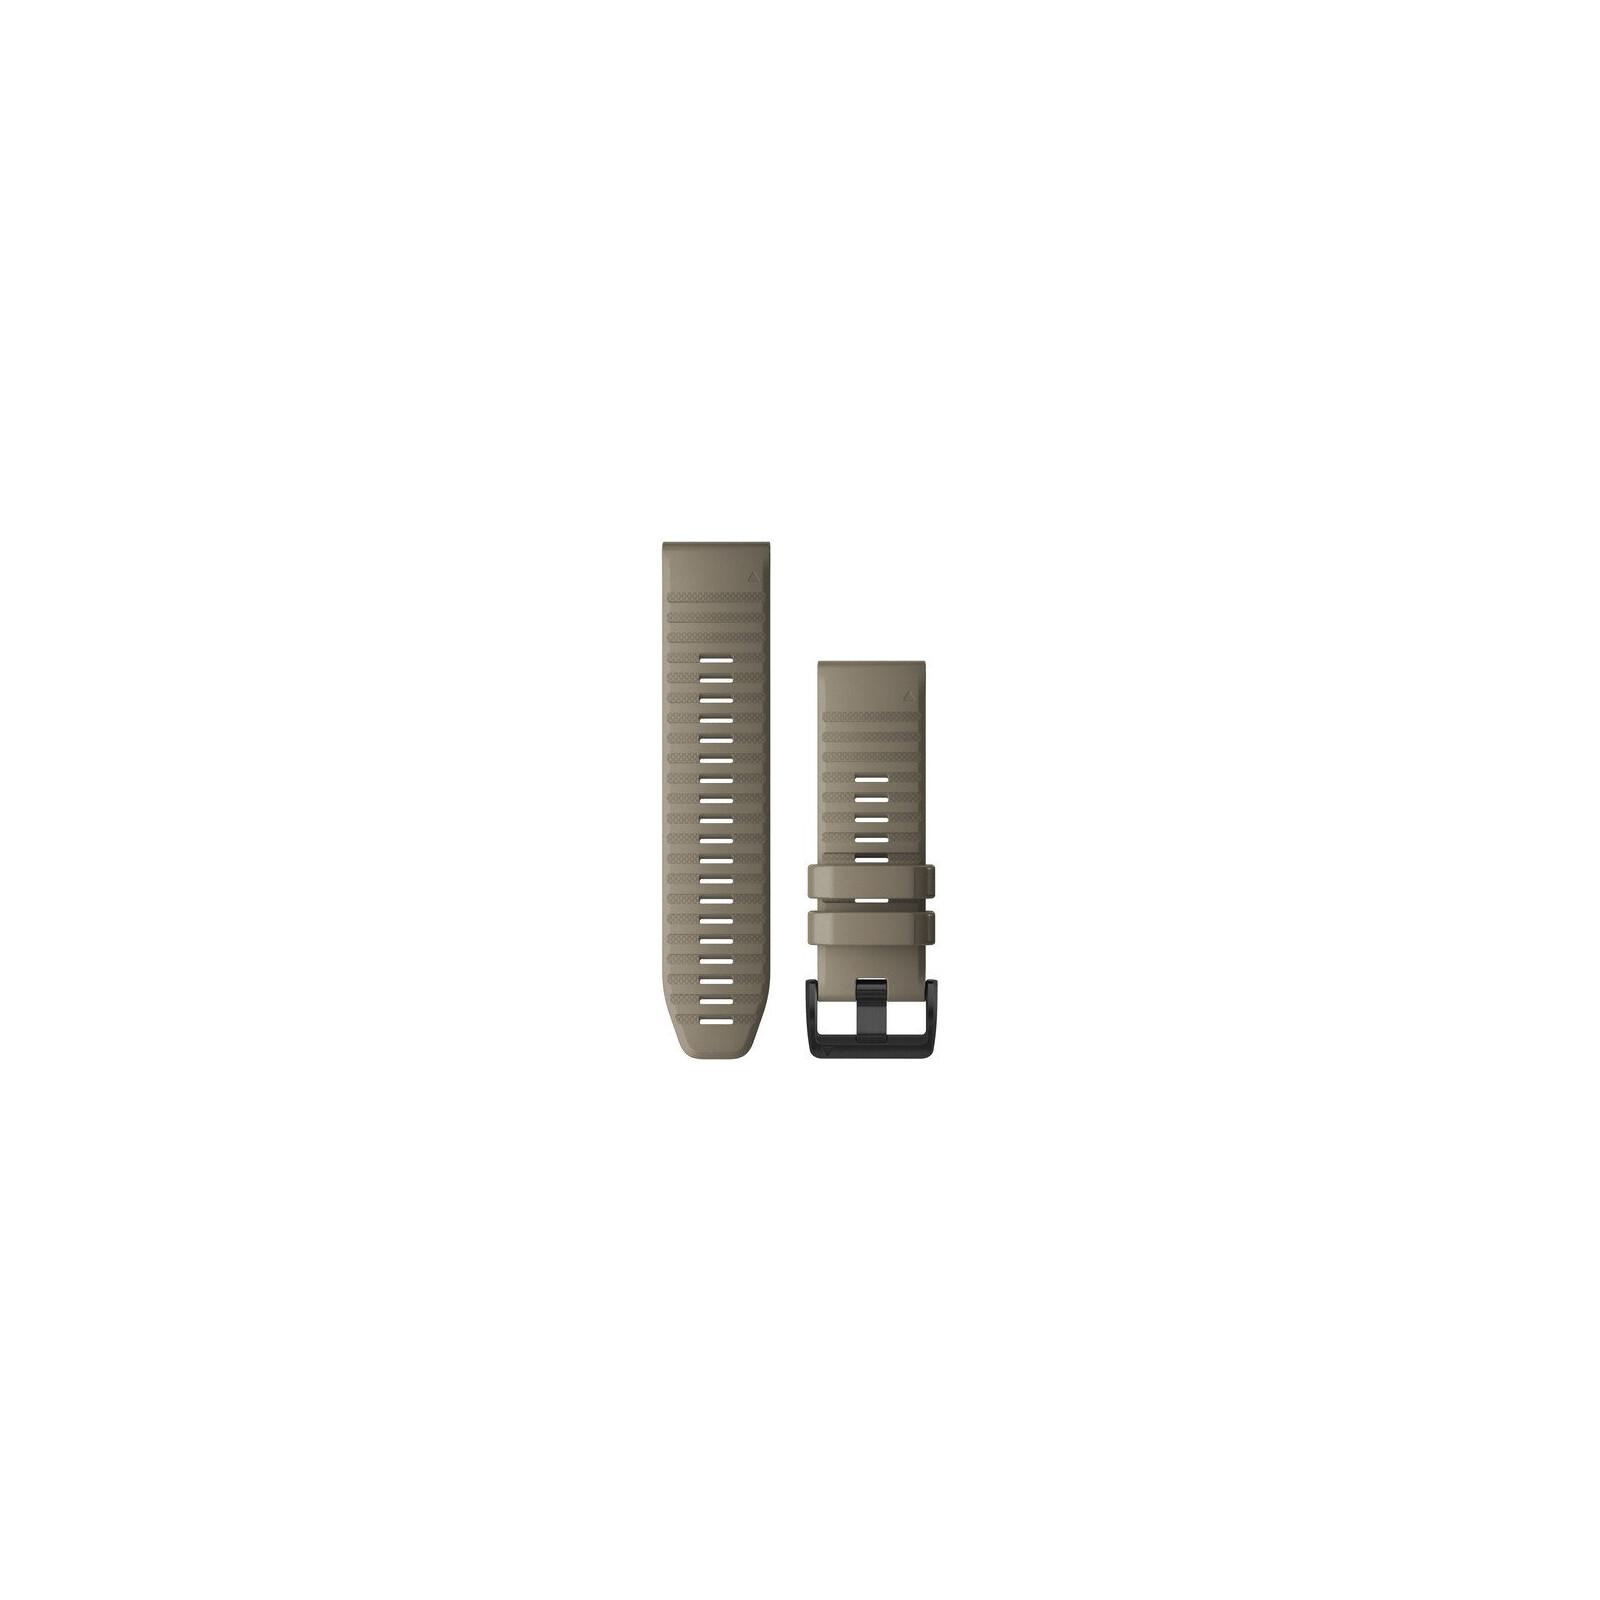 Garmin Quickfit Band 26mm Silikon dunkelbeige schwarz